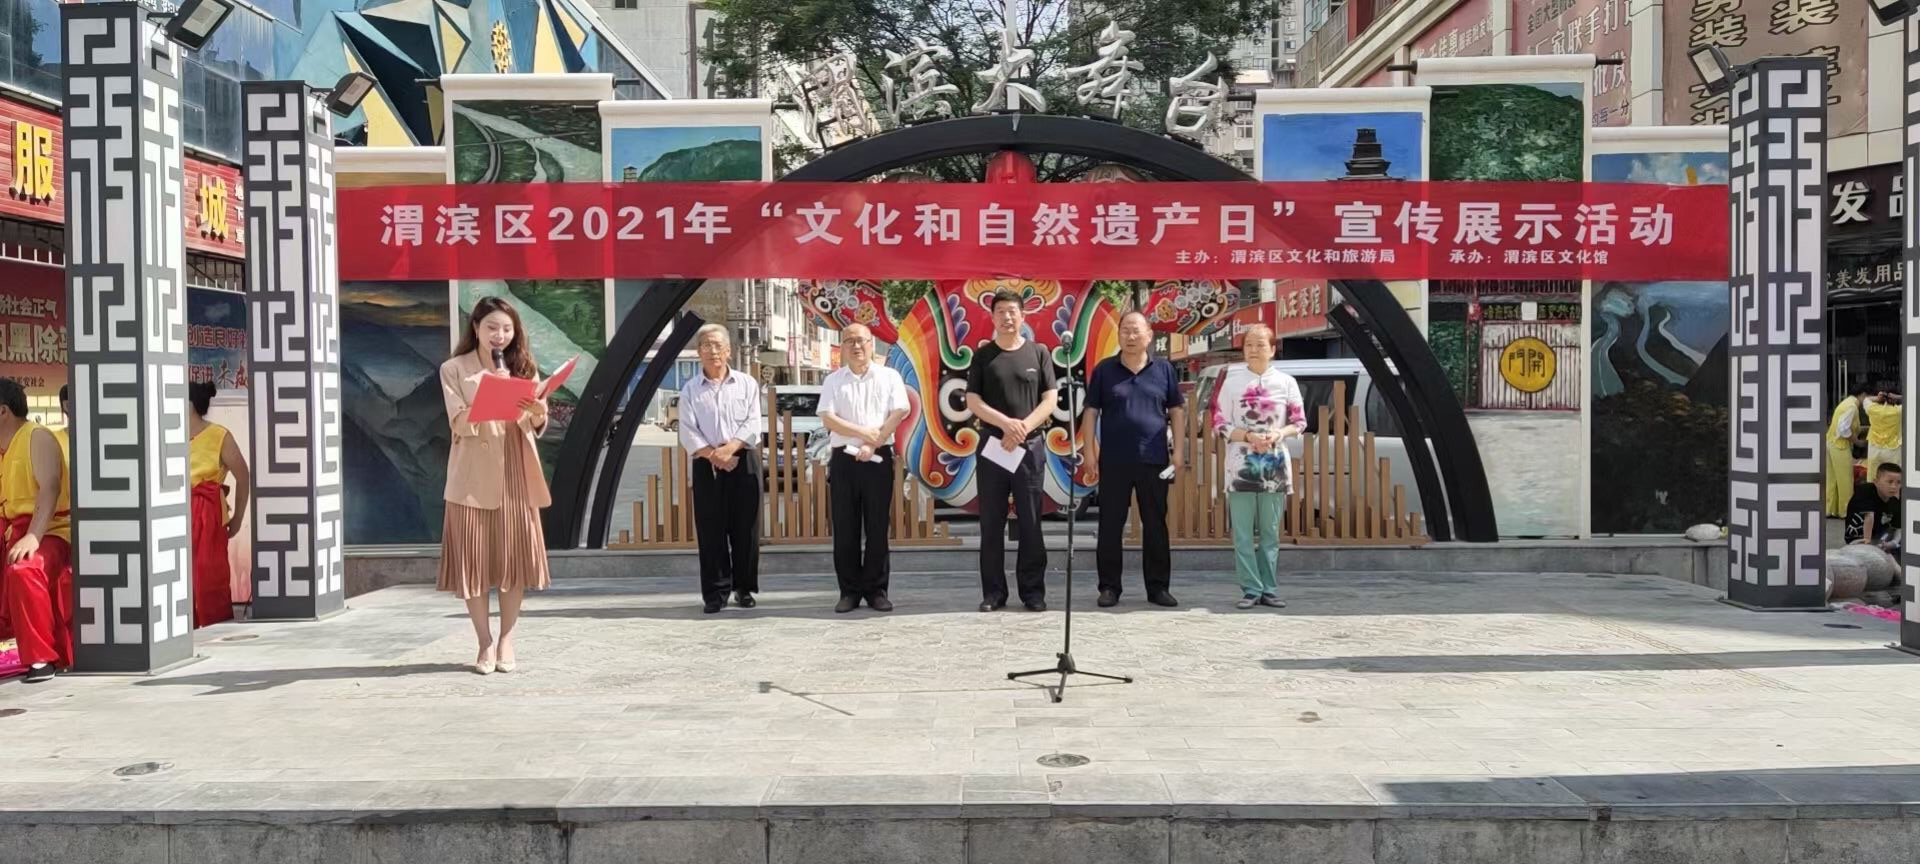 """渭滨区:端午假期 共享""""非遗""""魅力"""